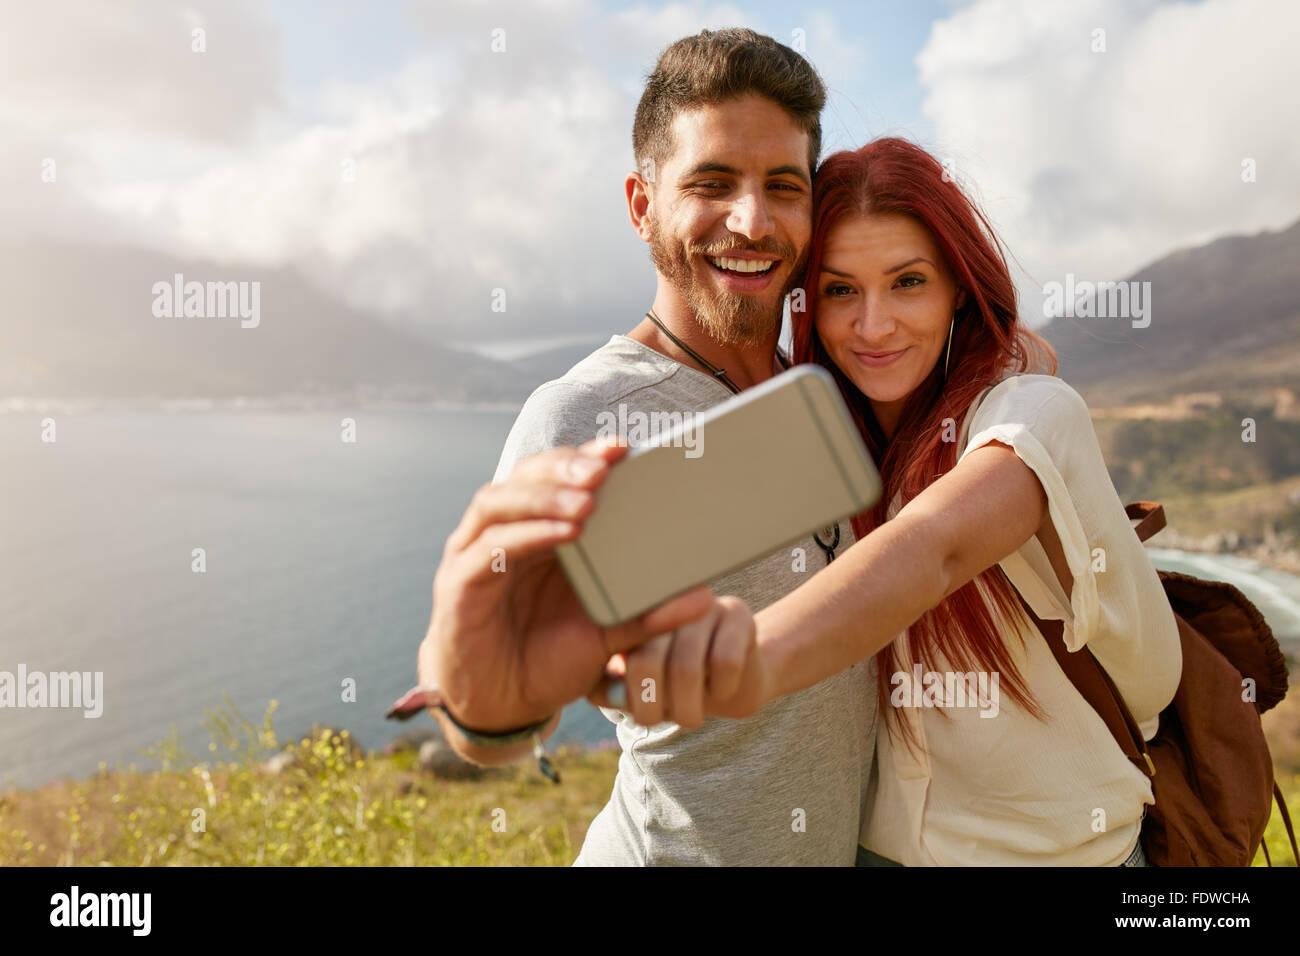 Jeune couple en randonnée avec selfies téléphone intelligent. Happy young man and woman taking self Photo Stock